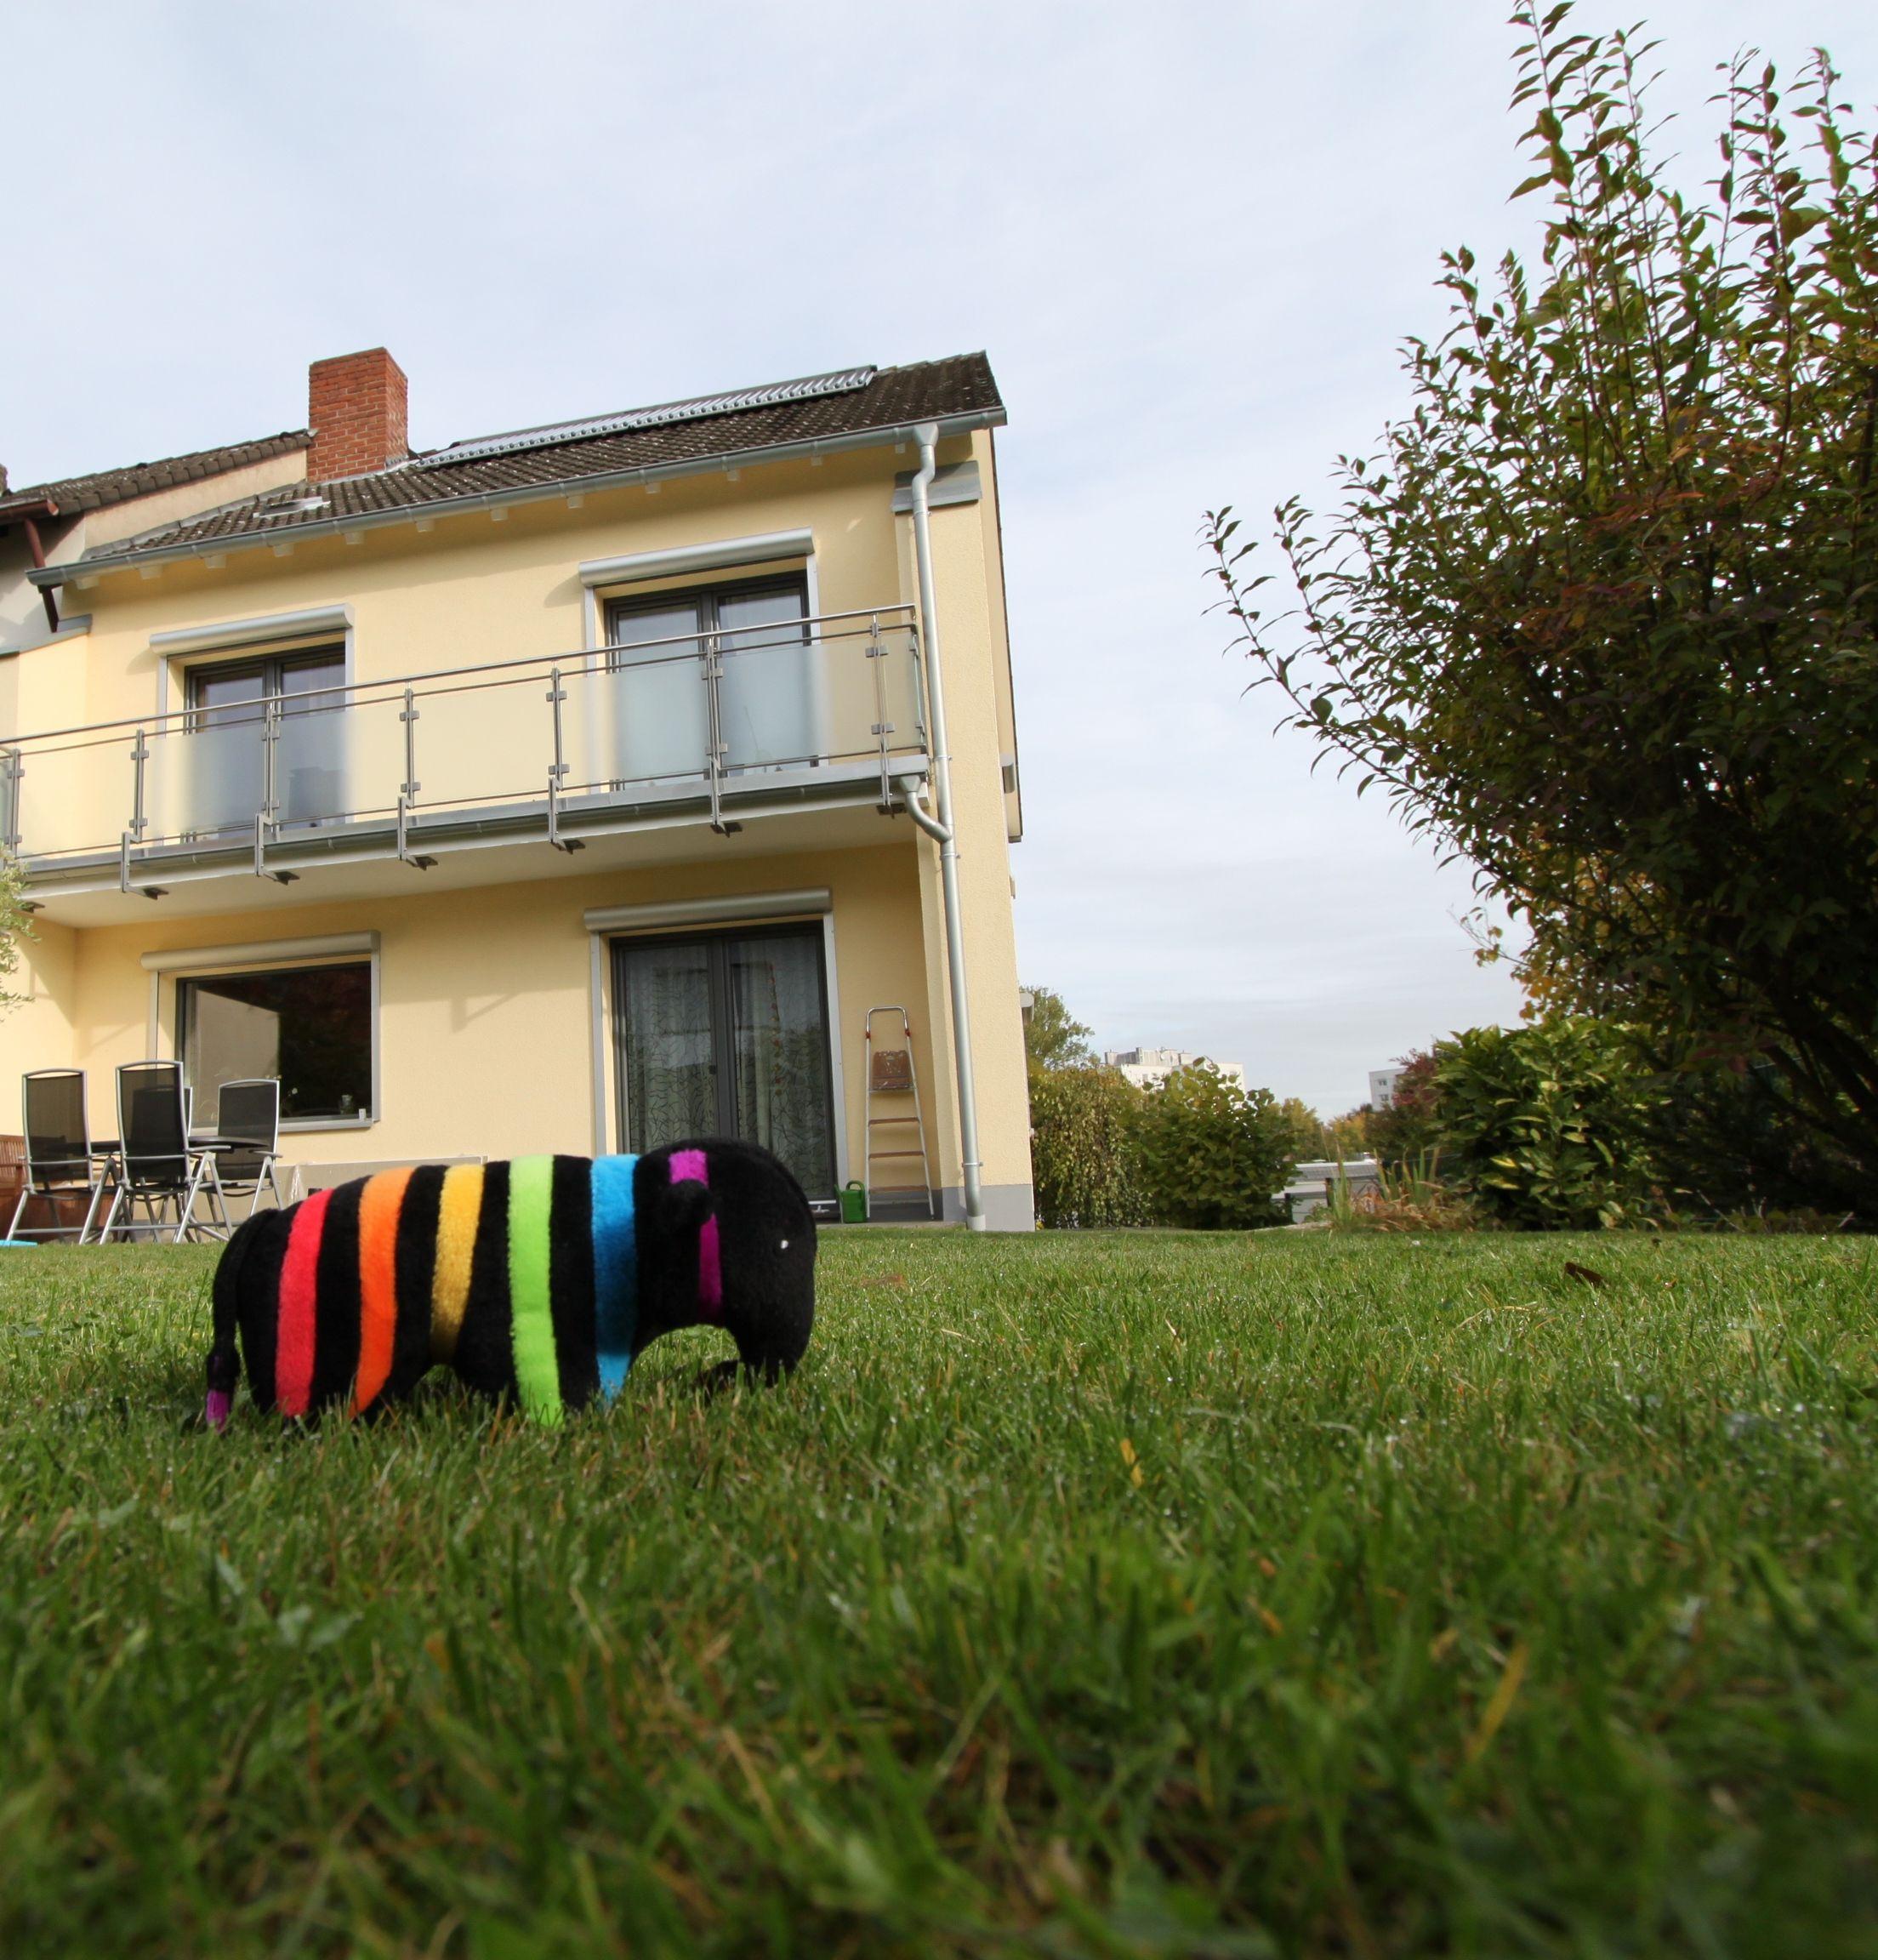 Fassadenfarbe einfamilienhaus  Einfamilienhaus in einem tollen Gelbton gestrichen. #Fassadenfarbe ...